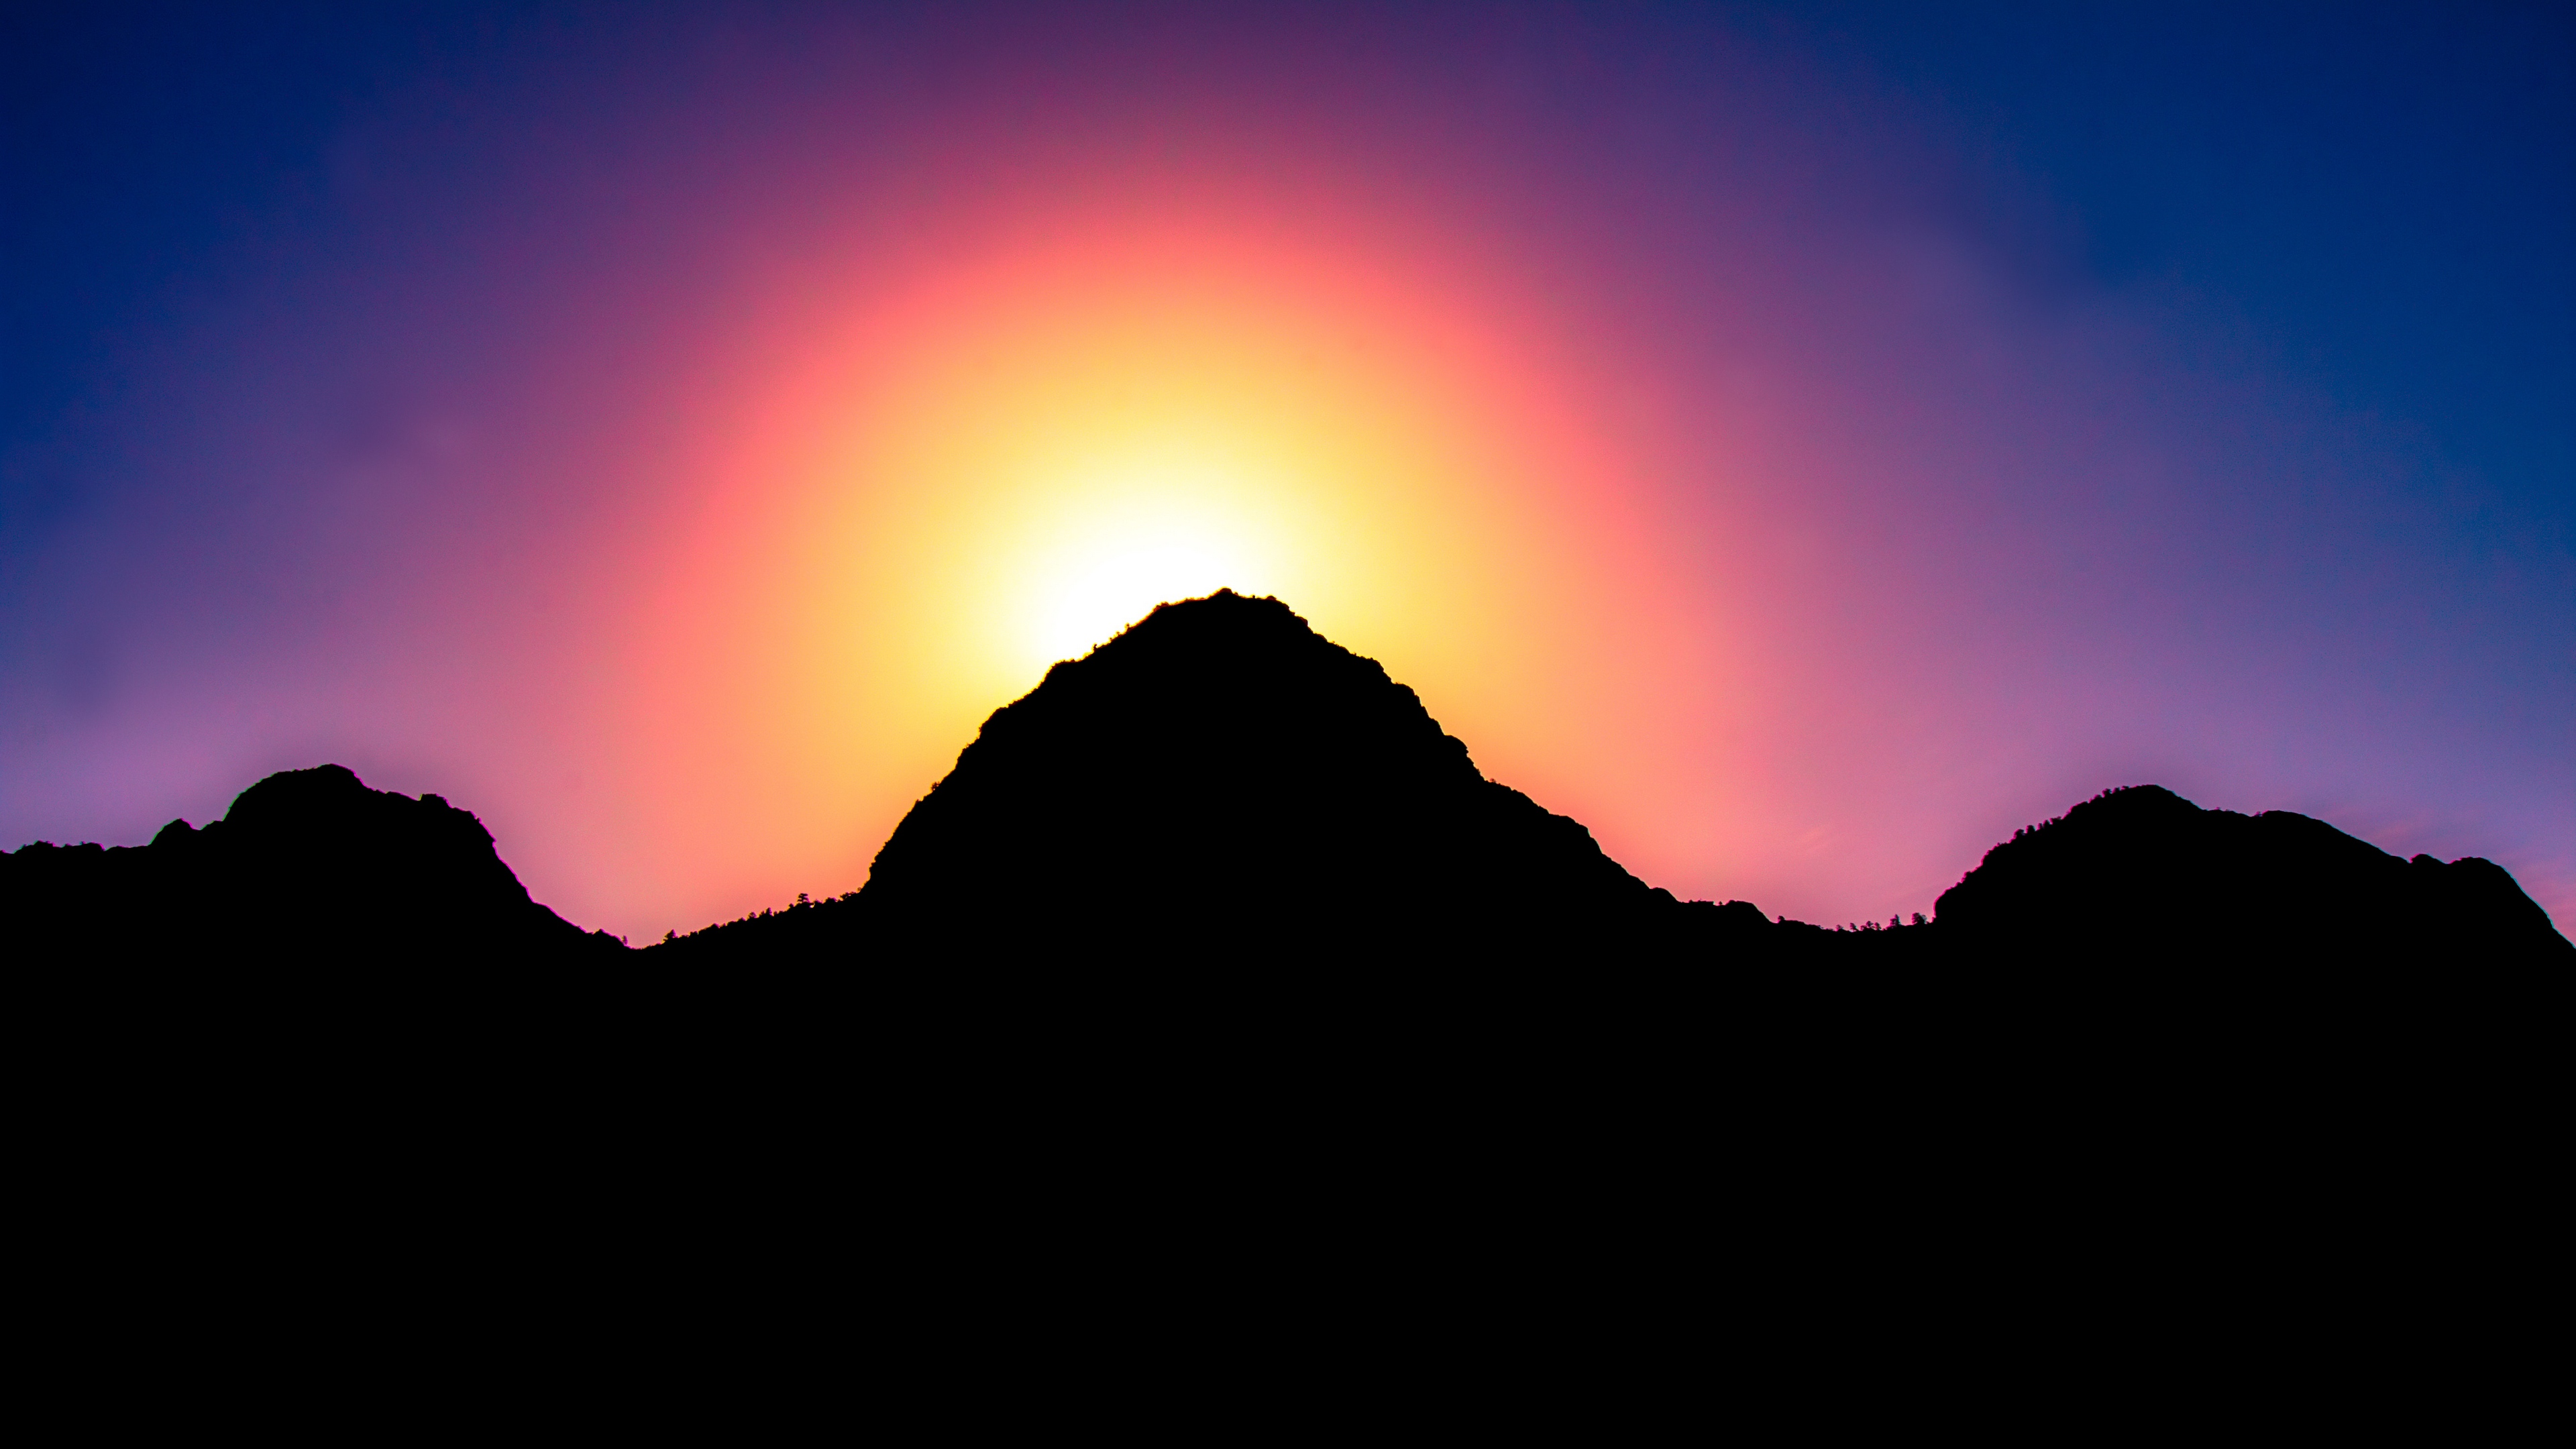 mountains sunset light sky 4k 1540574453 - mountains, sunset, light, sky 4k - sunset, Mountains, Light